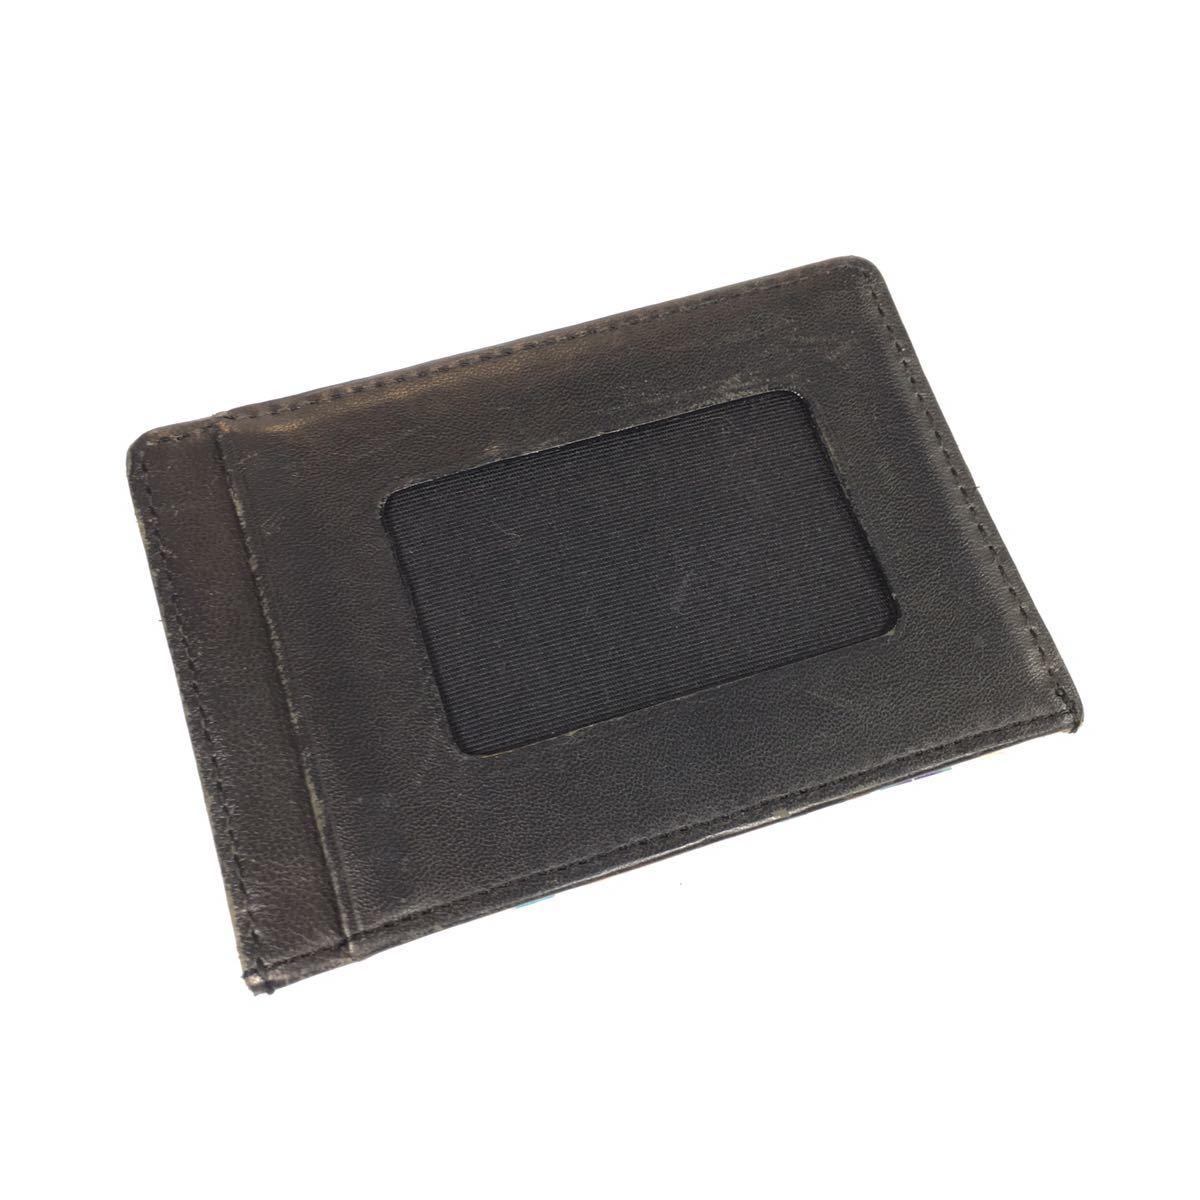 【ポールスミス】本物 Paul Smith カードケース 黒×花柄 名刺入れ パスケース 定期入れ 本革 レザー メンズ レディース 送料250円_画像4